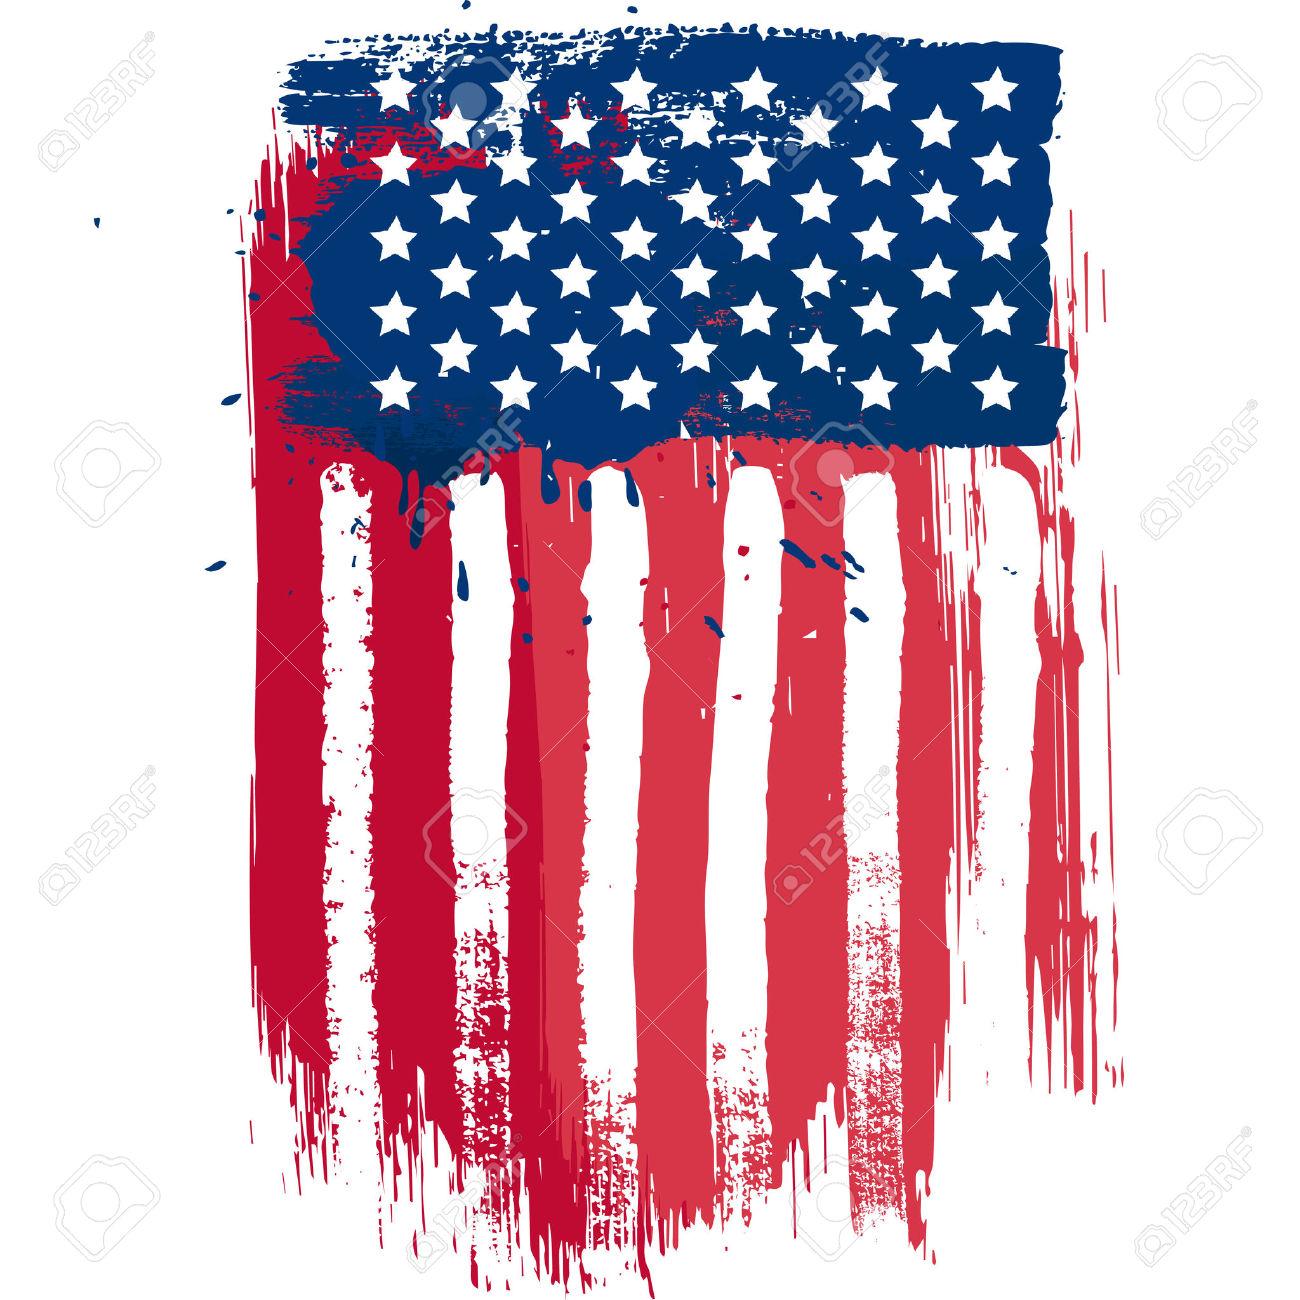 Bandera Americana Composición Vector Vertical En El Estilo Grunge.